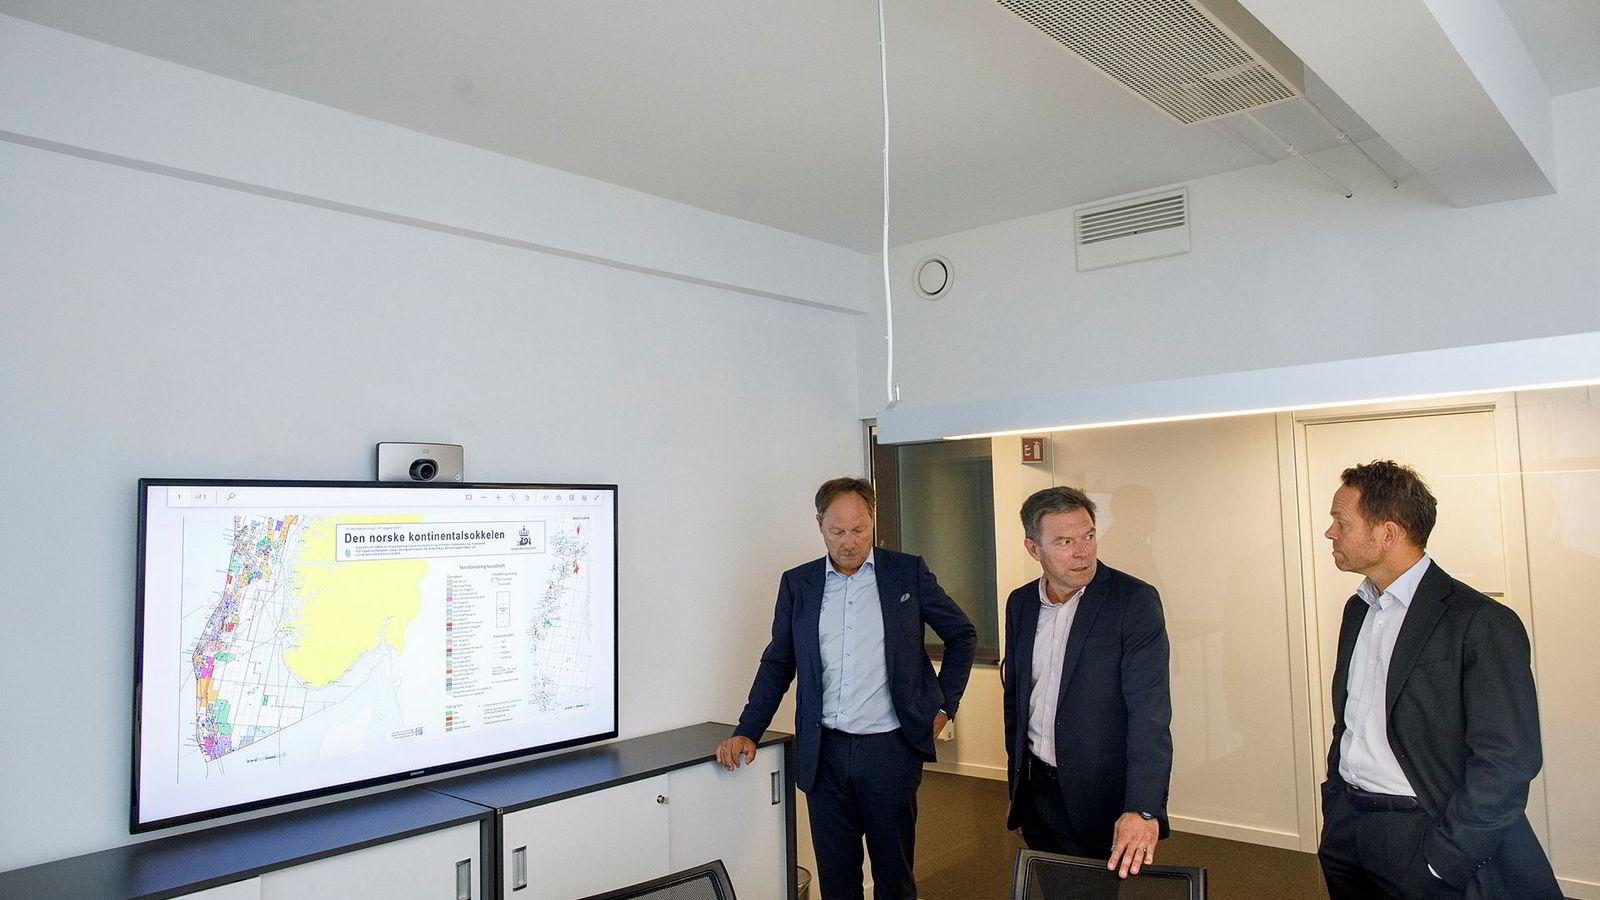 Da oljeveteranen Roar Tessem (i midten) startet oljeselskapet Source i fjor, antydet han et kapitalbehov på oppimot 100 millioner dollar over fem år. Her omgitt av medgründerne Bjørn Martinsen og Lars Thorrud.